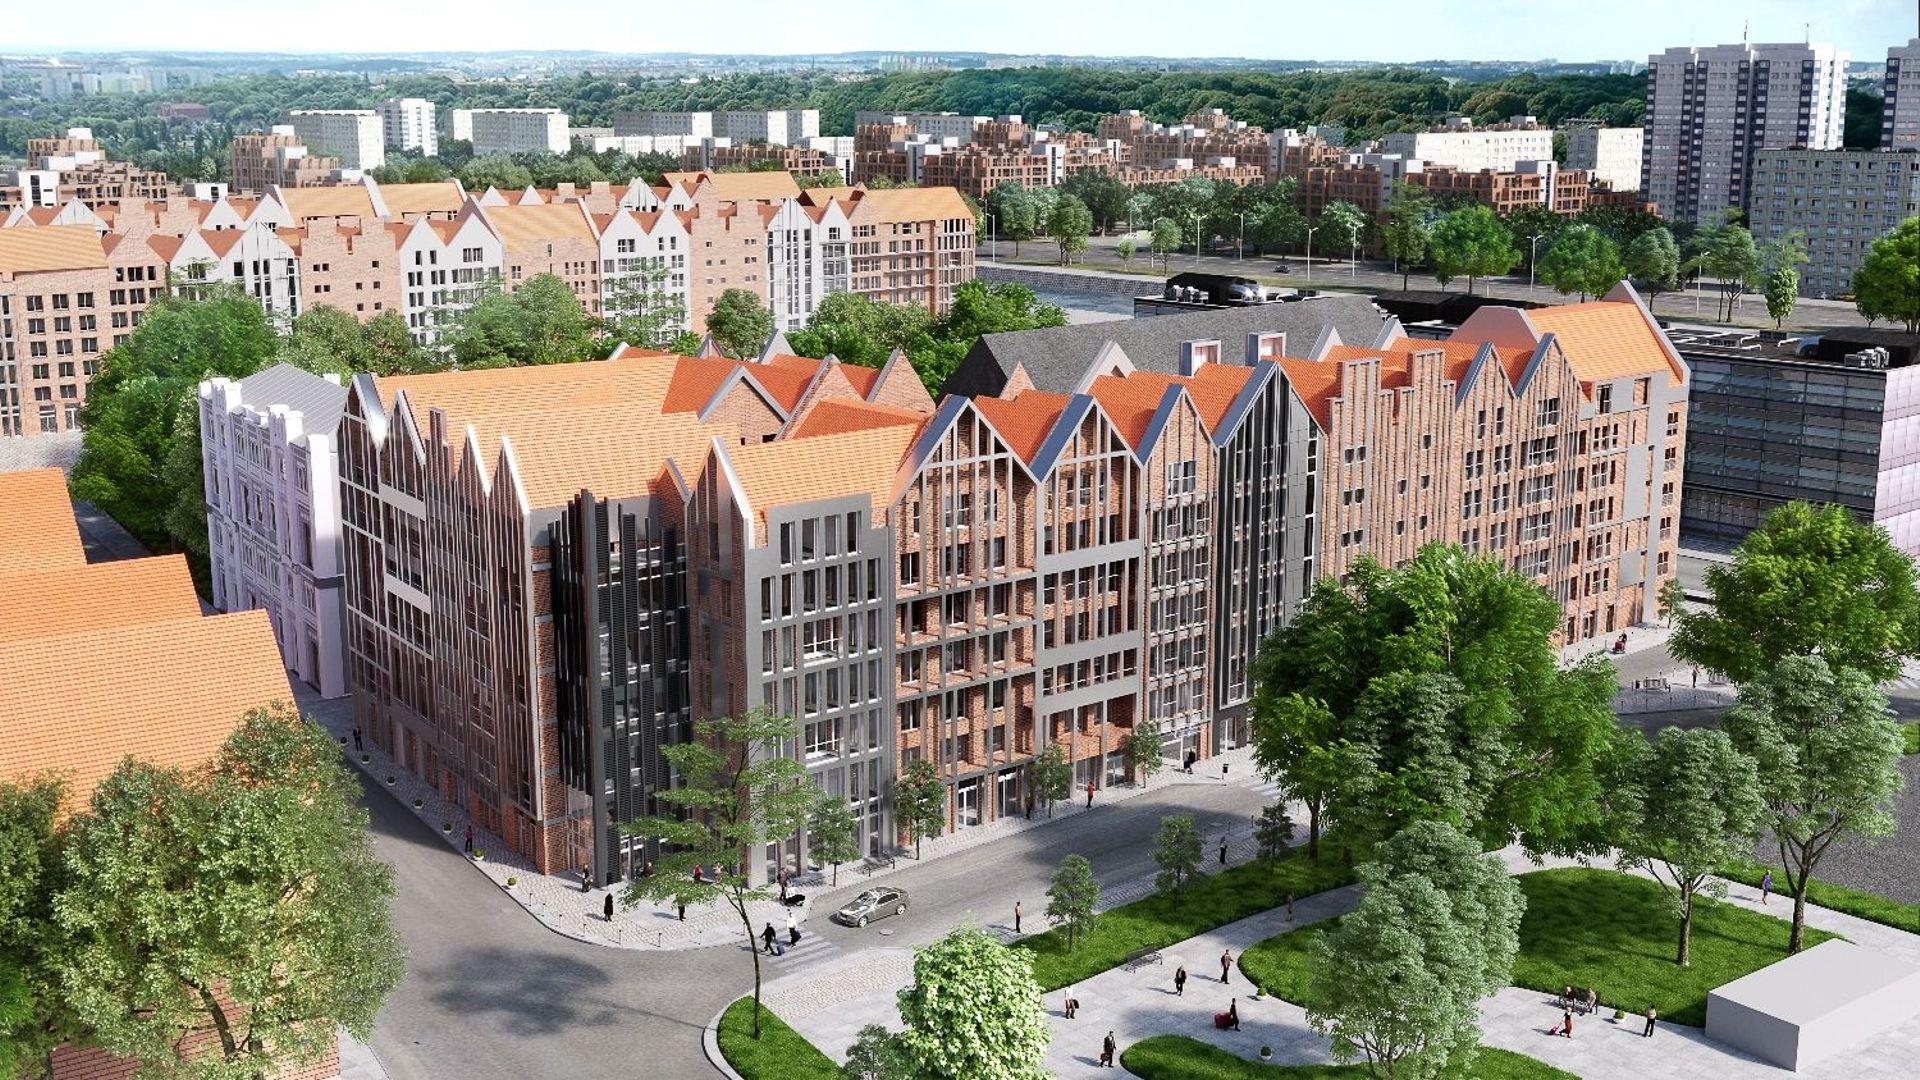 [Gdańsk] Condohotel Grano rośnie na Wyspie Spichrzów w Gdańsku